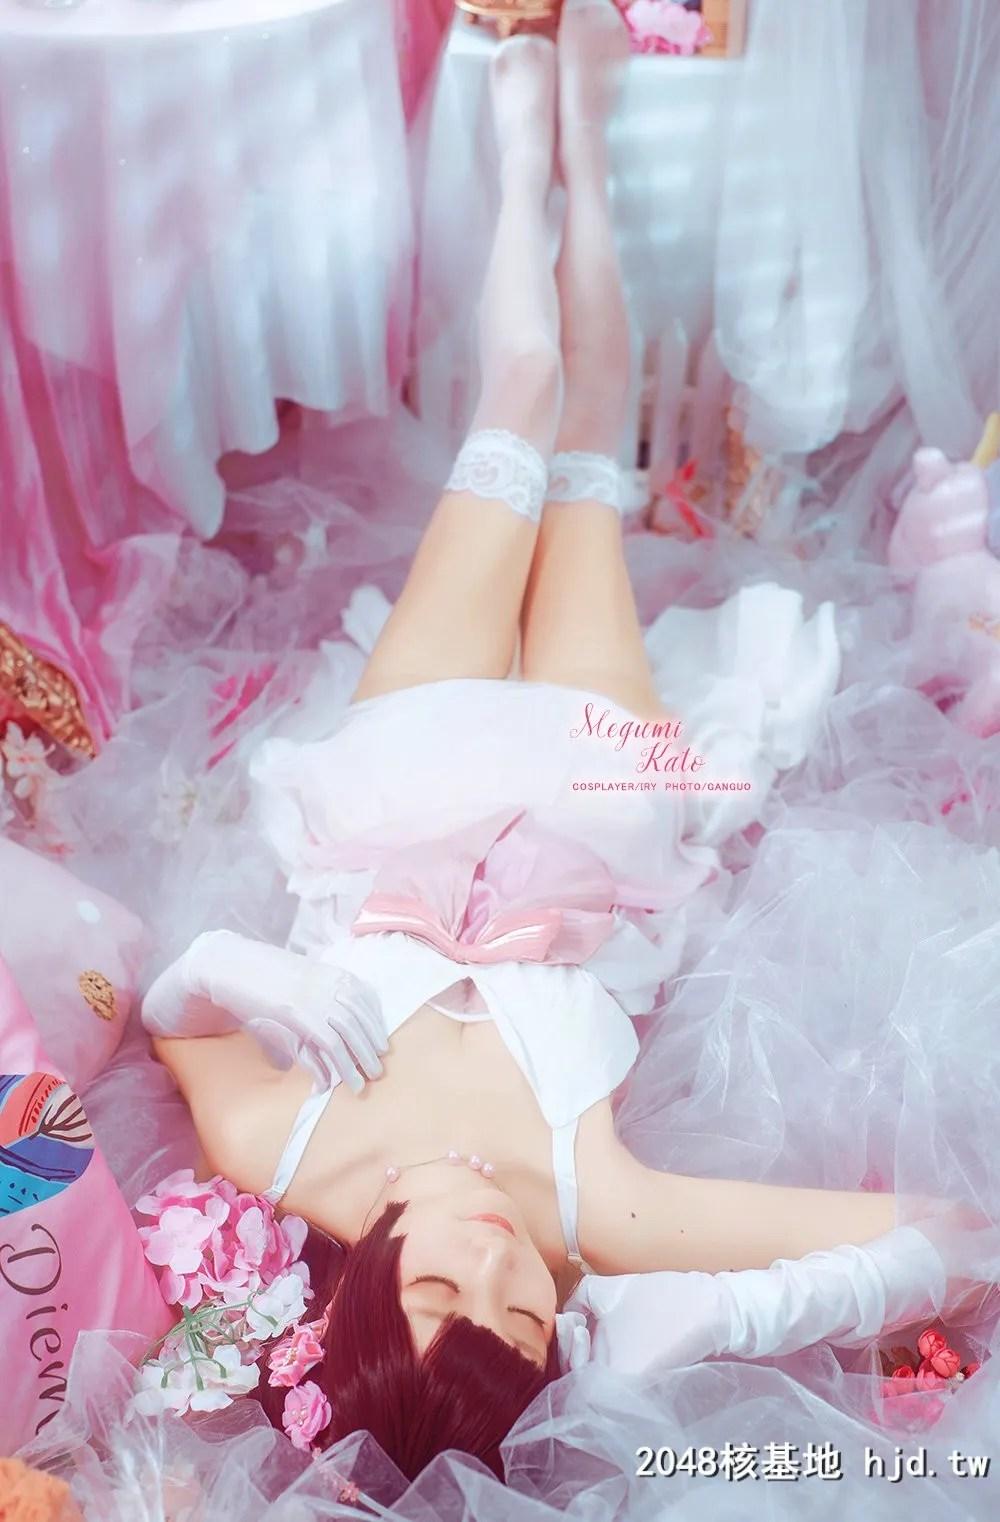 路人女主的养成方法加藤惠 BD特典礼服ver.@艾瑞有点甜 (9P)插图(8)